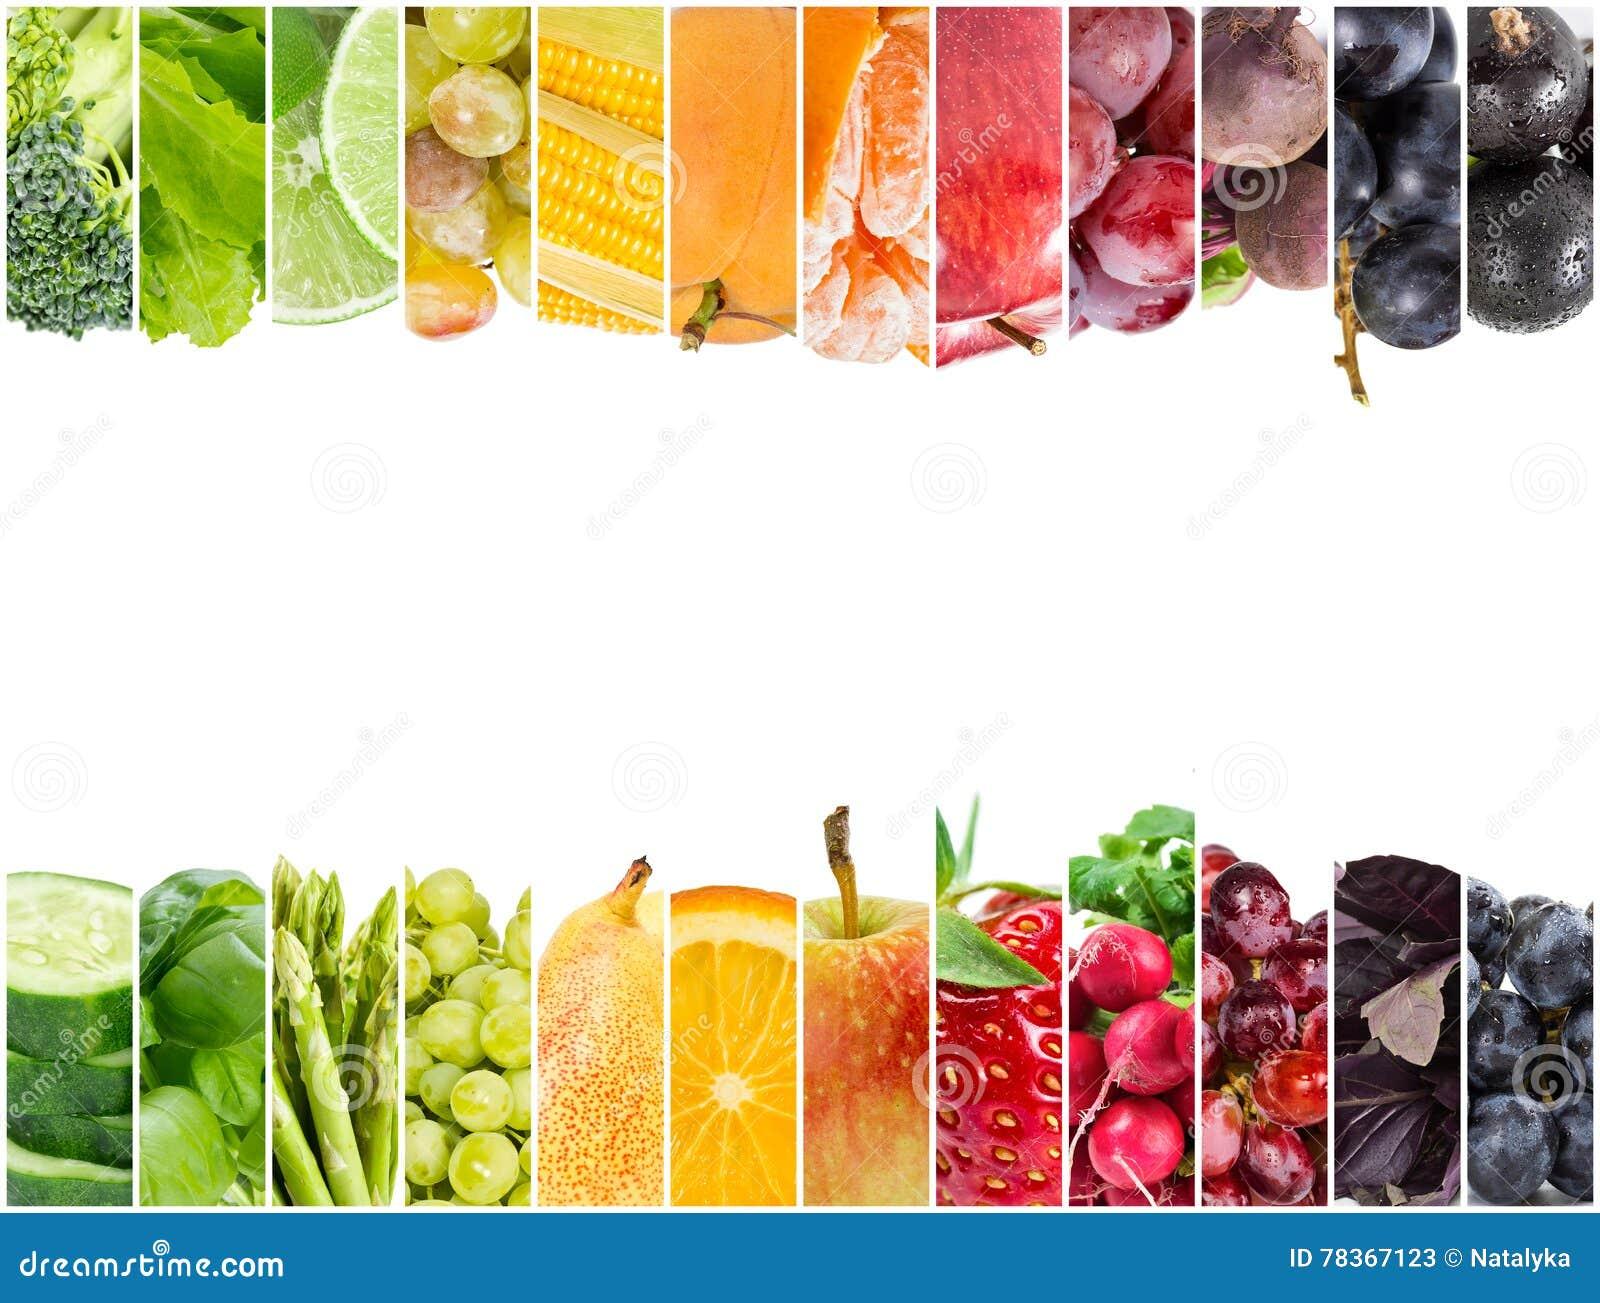 Colagem de frutas e legumes frescas